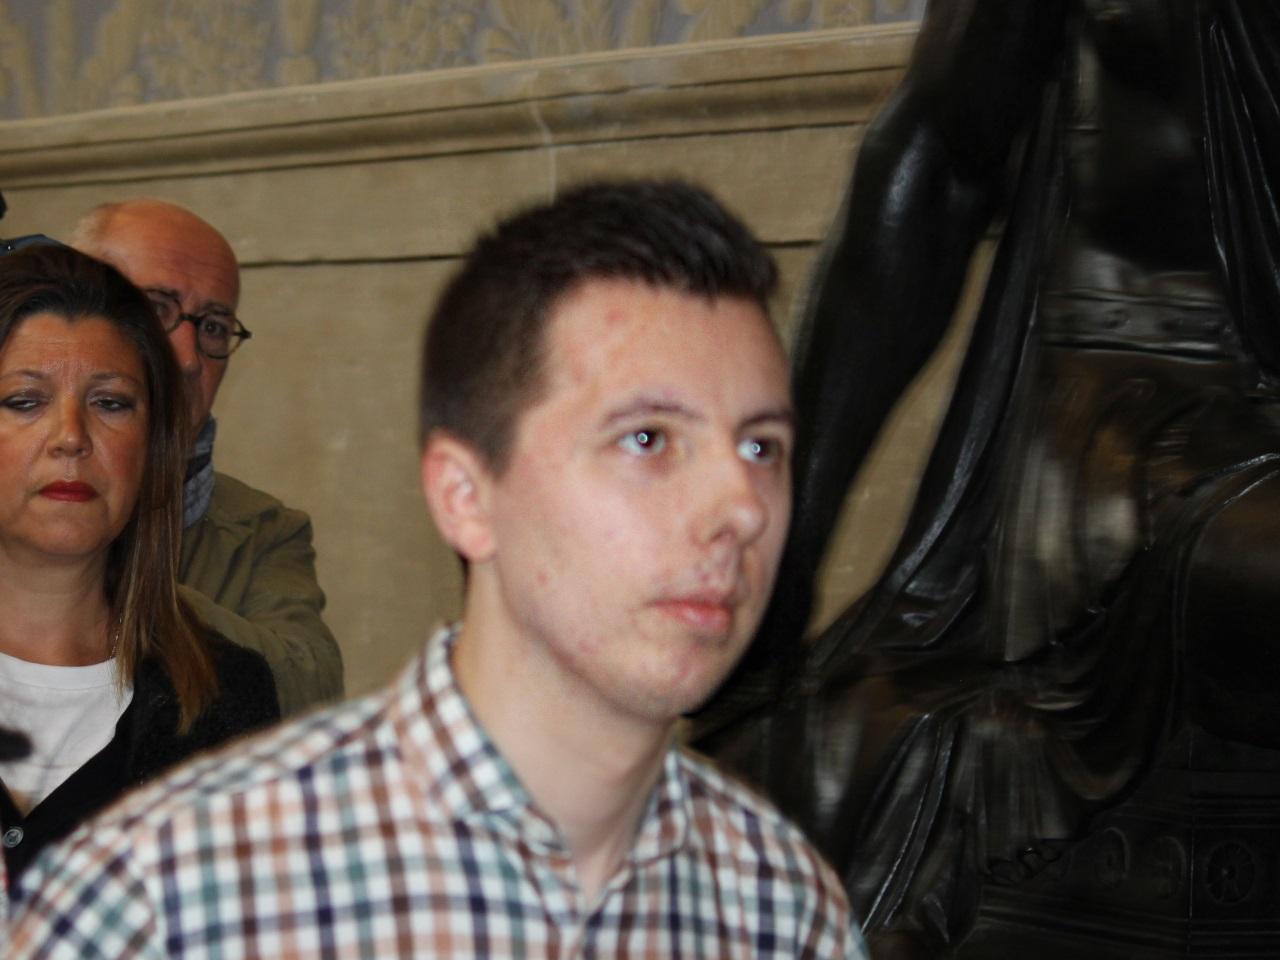 Lyon : l'agresseur de Marin devant la justice